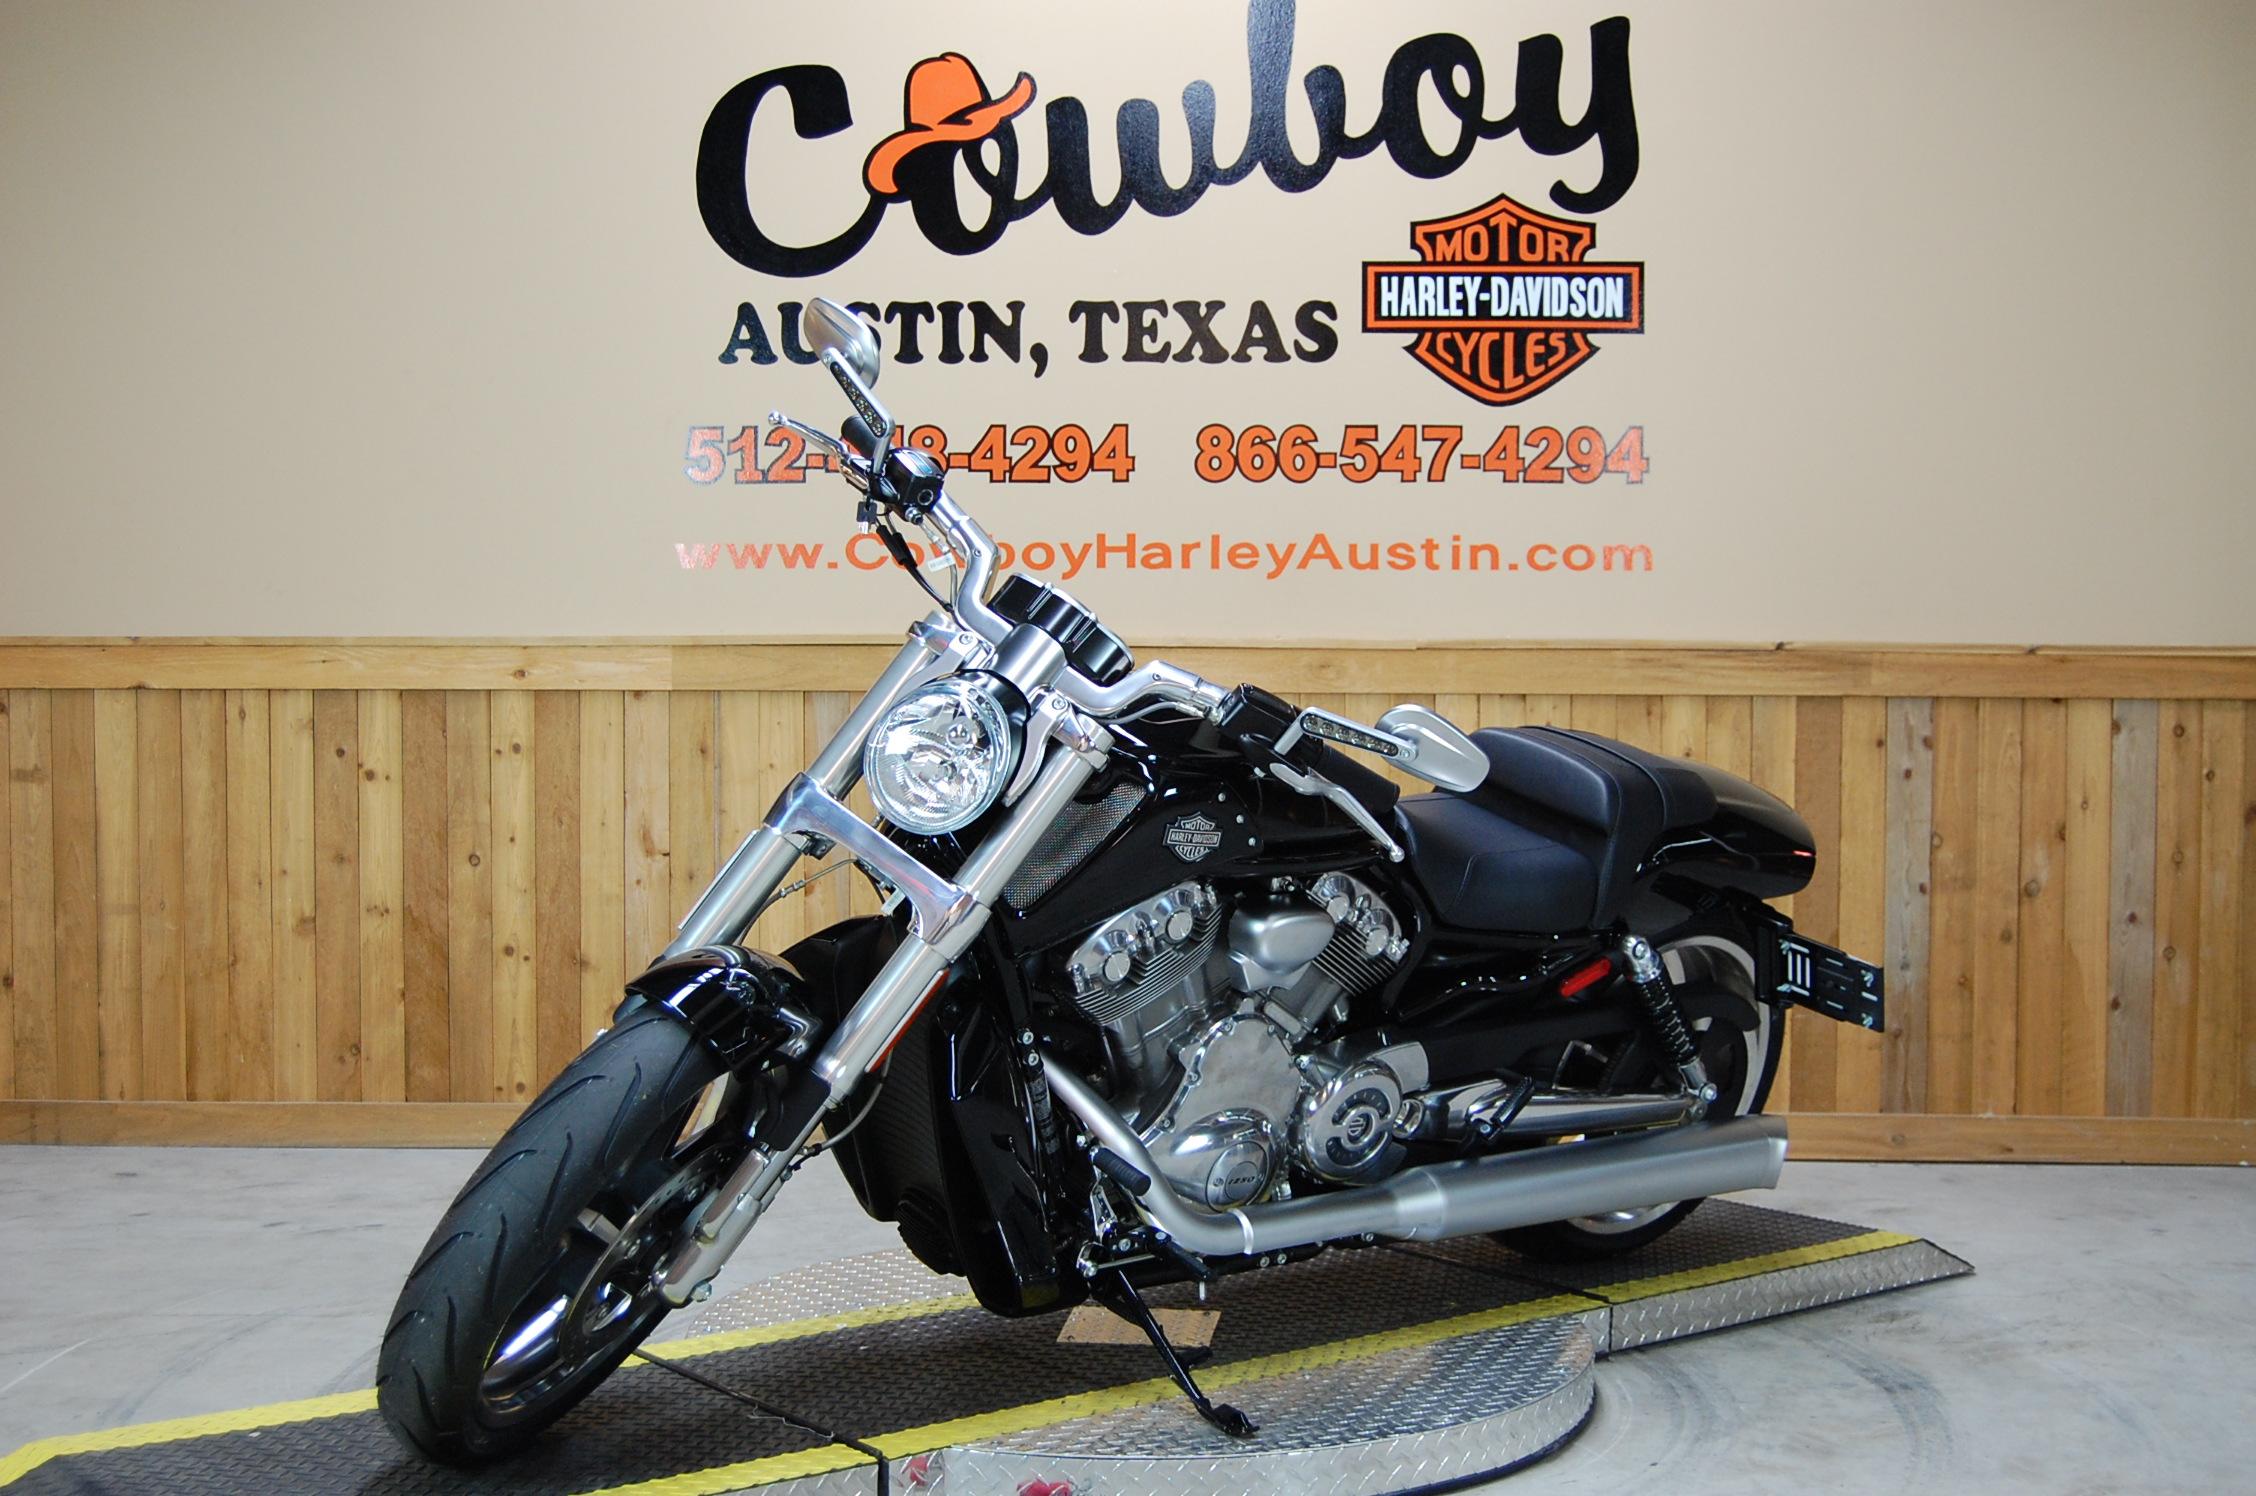 2015 Harley Davidson VRSCF V Rod Muscle Wallpaper Background 24174 2256x1496